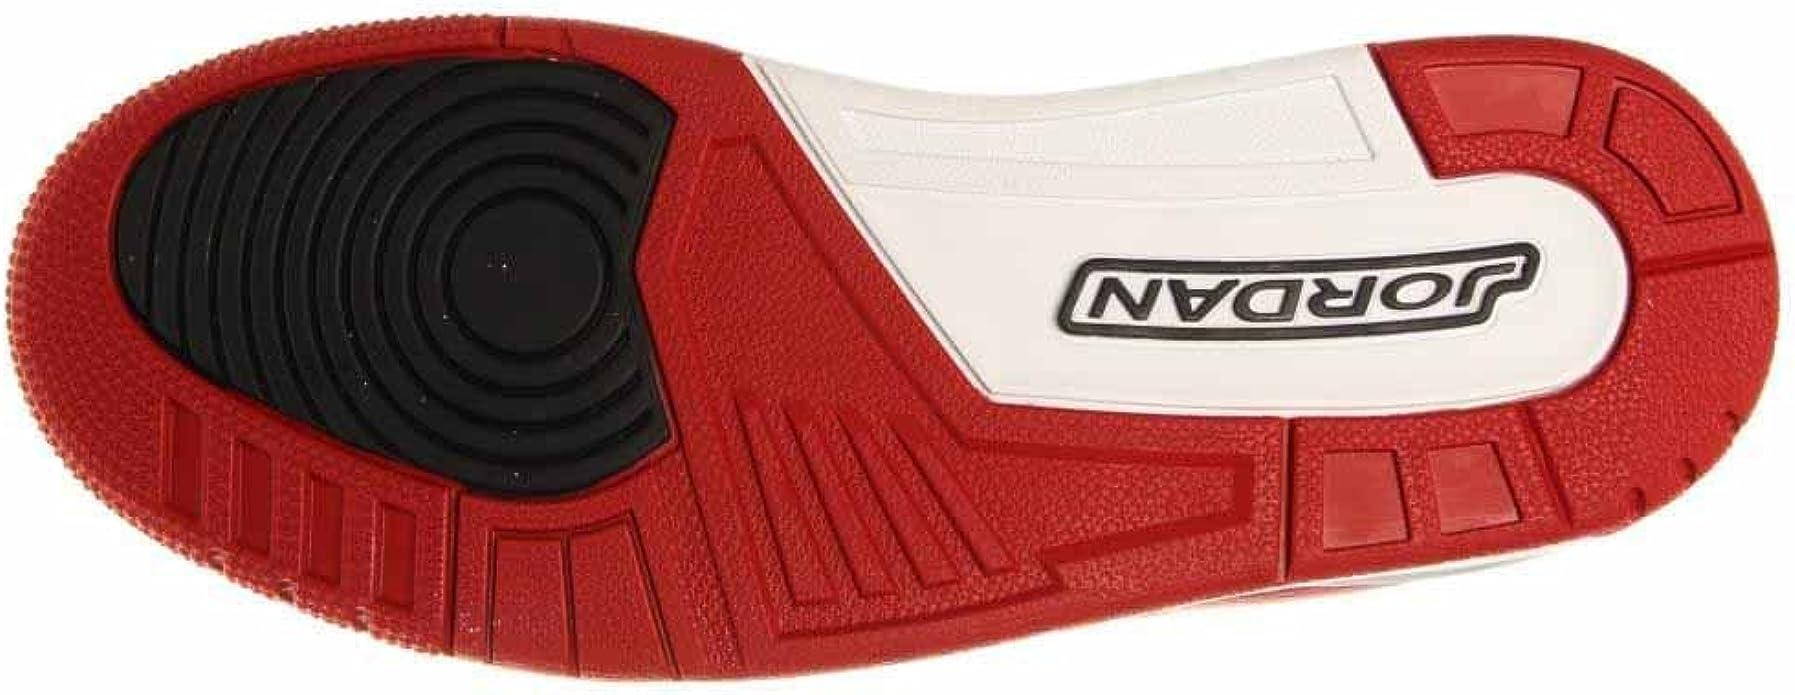 Nike Air Jordan Flight 97 654265 601 ( 44.5 10.5 us 9.5